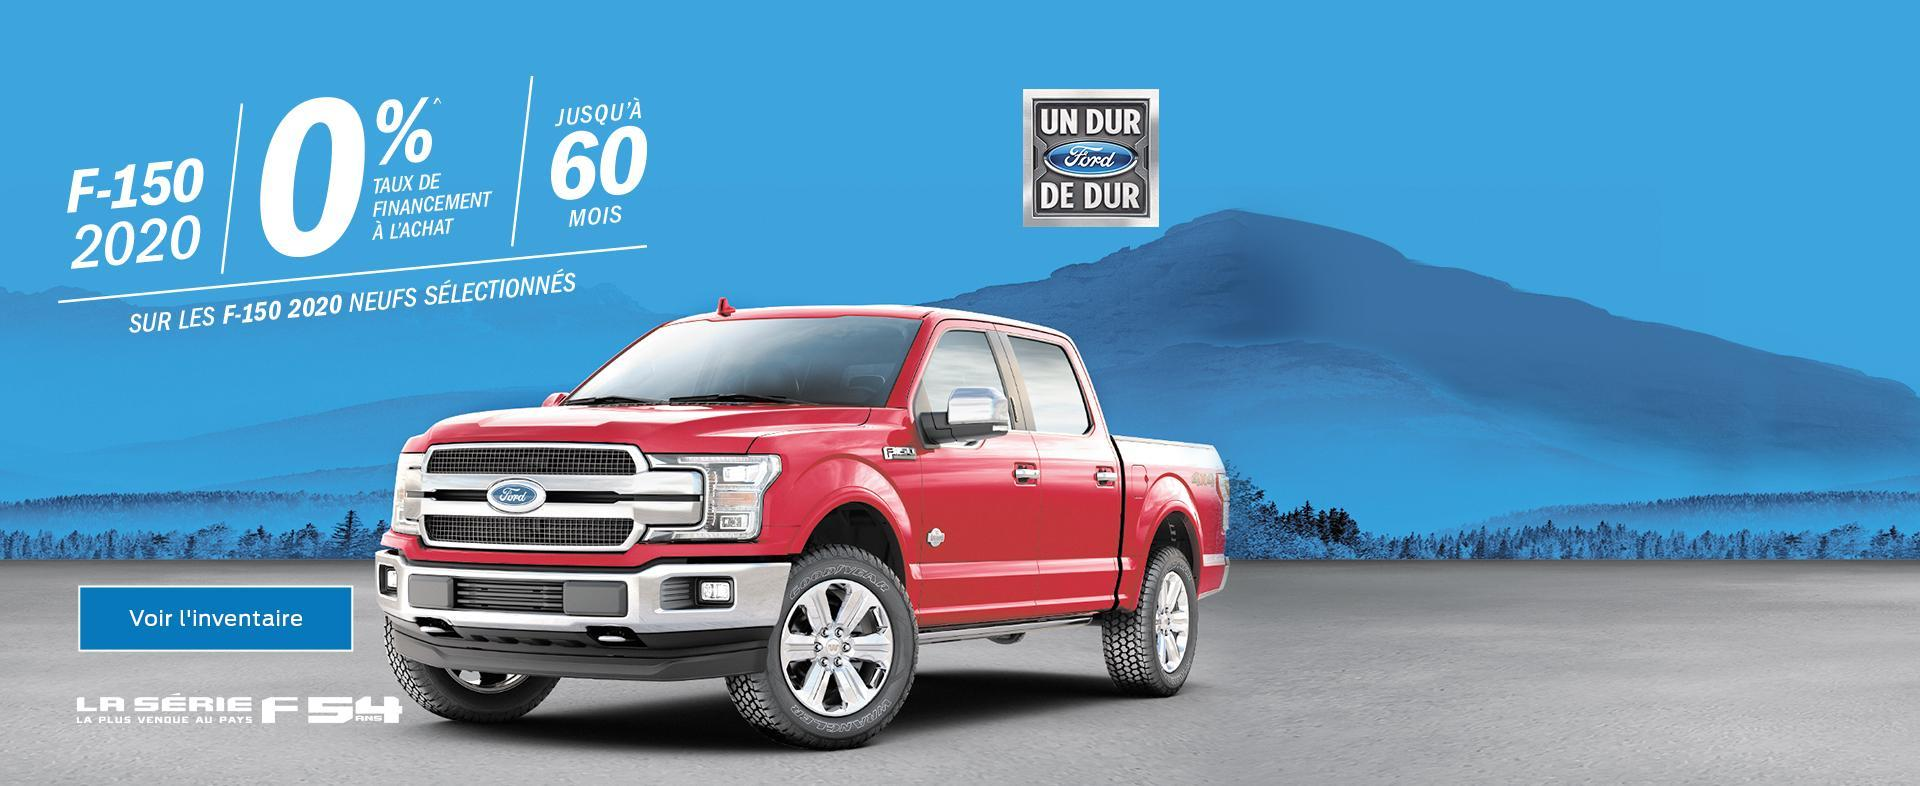 Ford février F150 2020